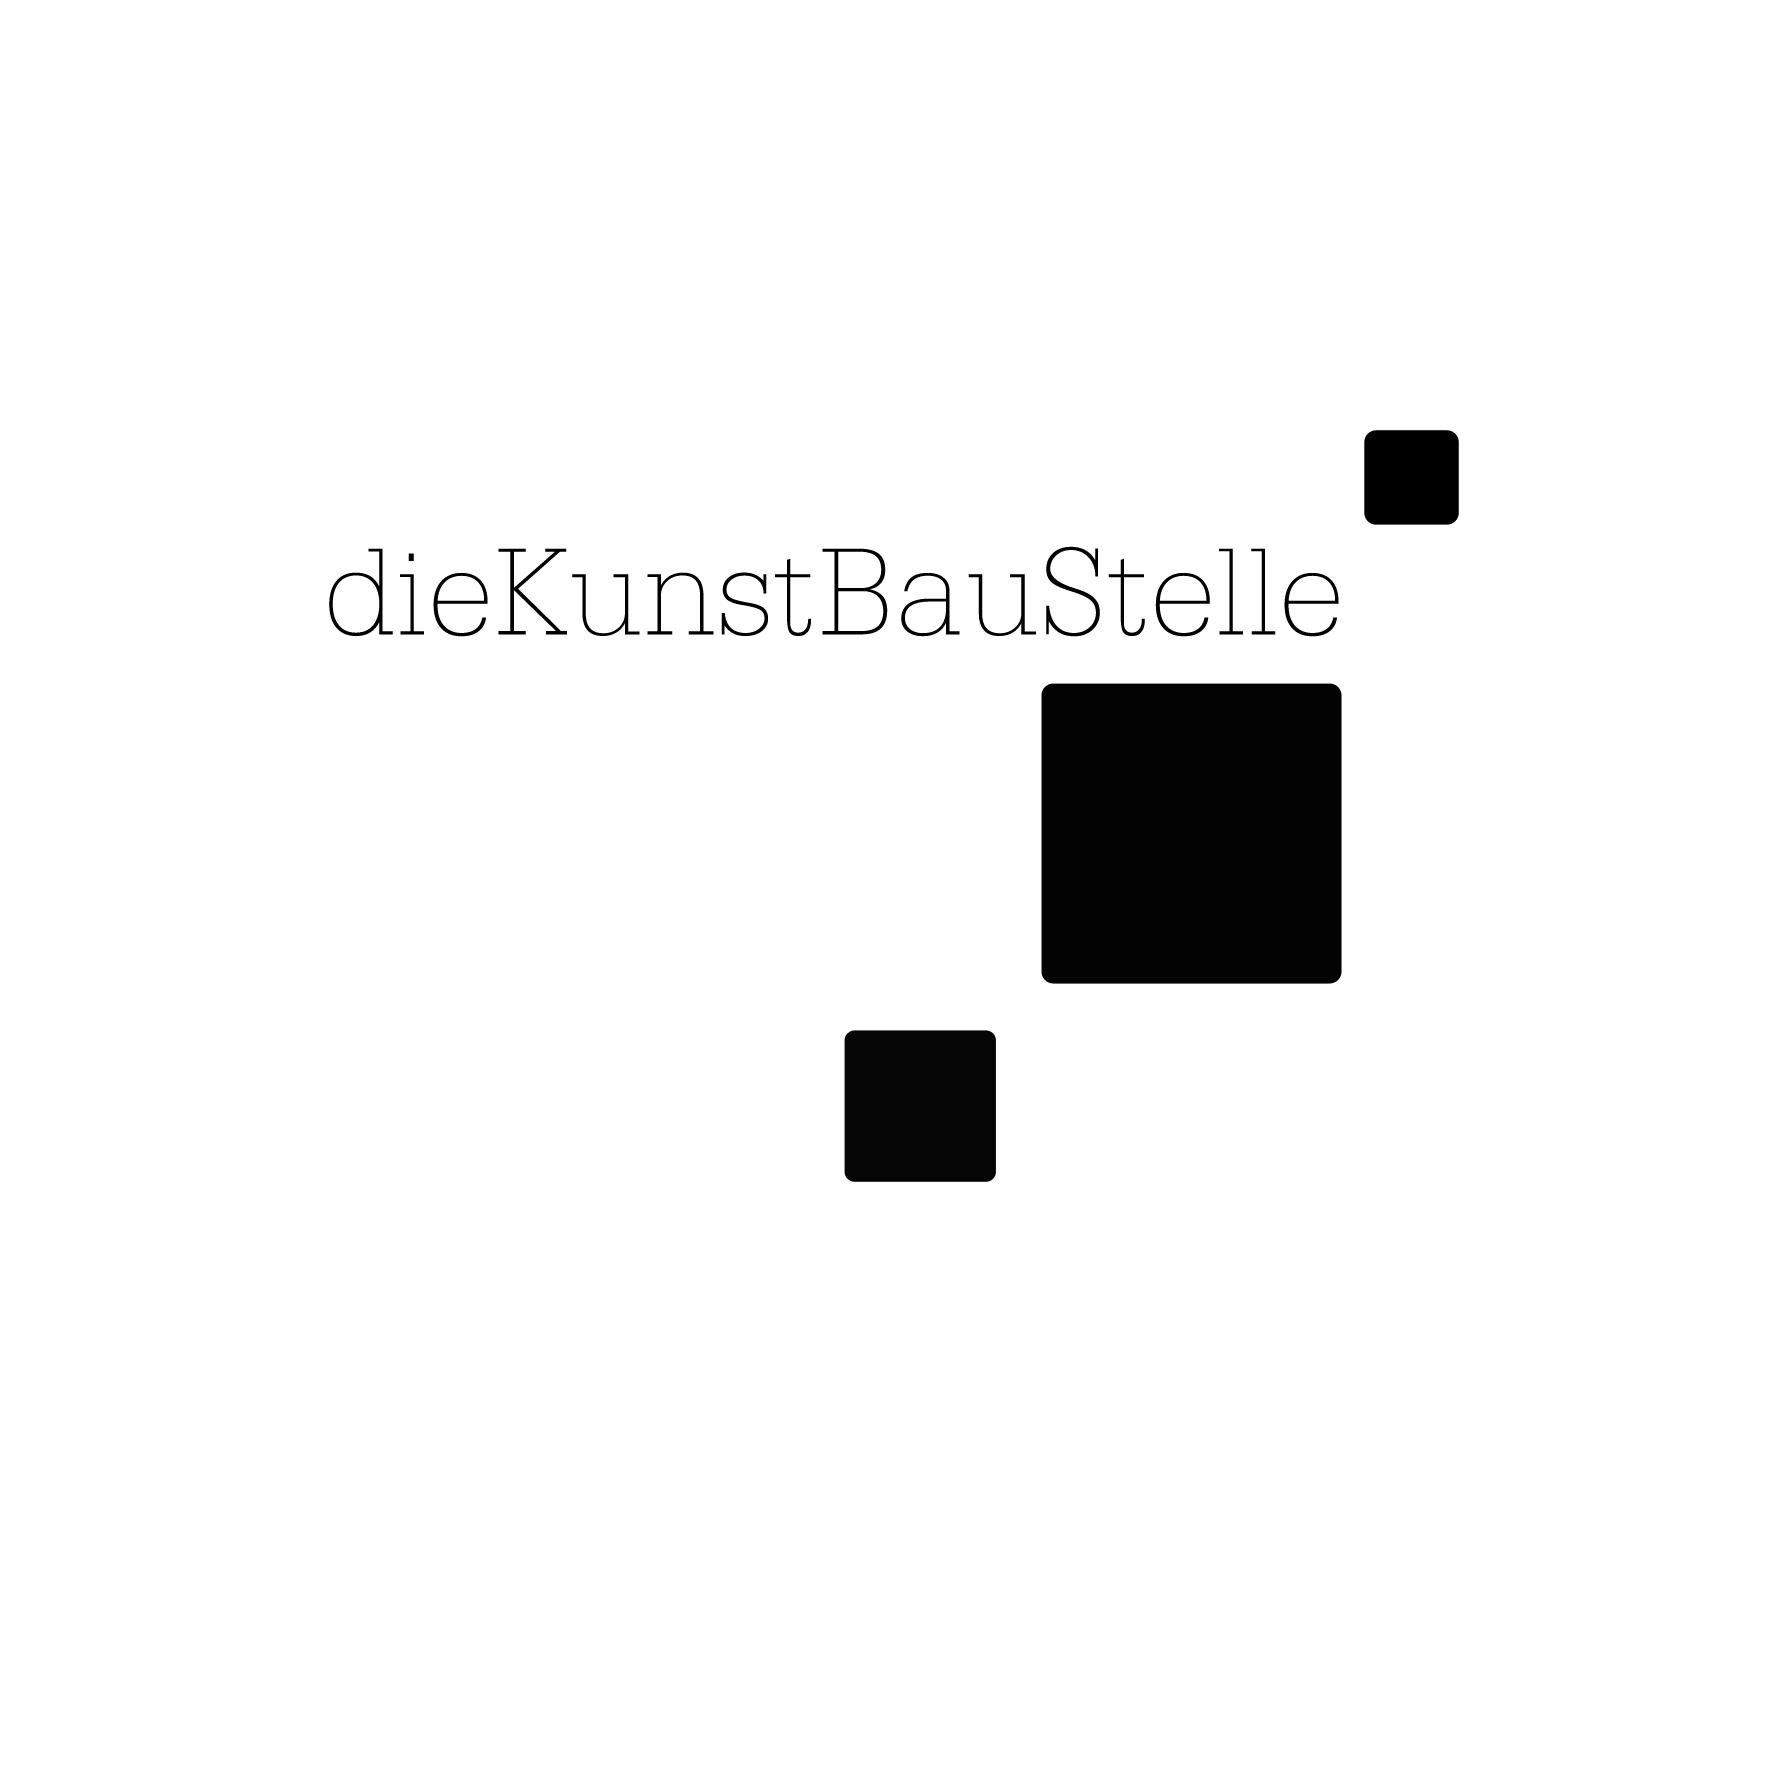 dieKunstBauStelle